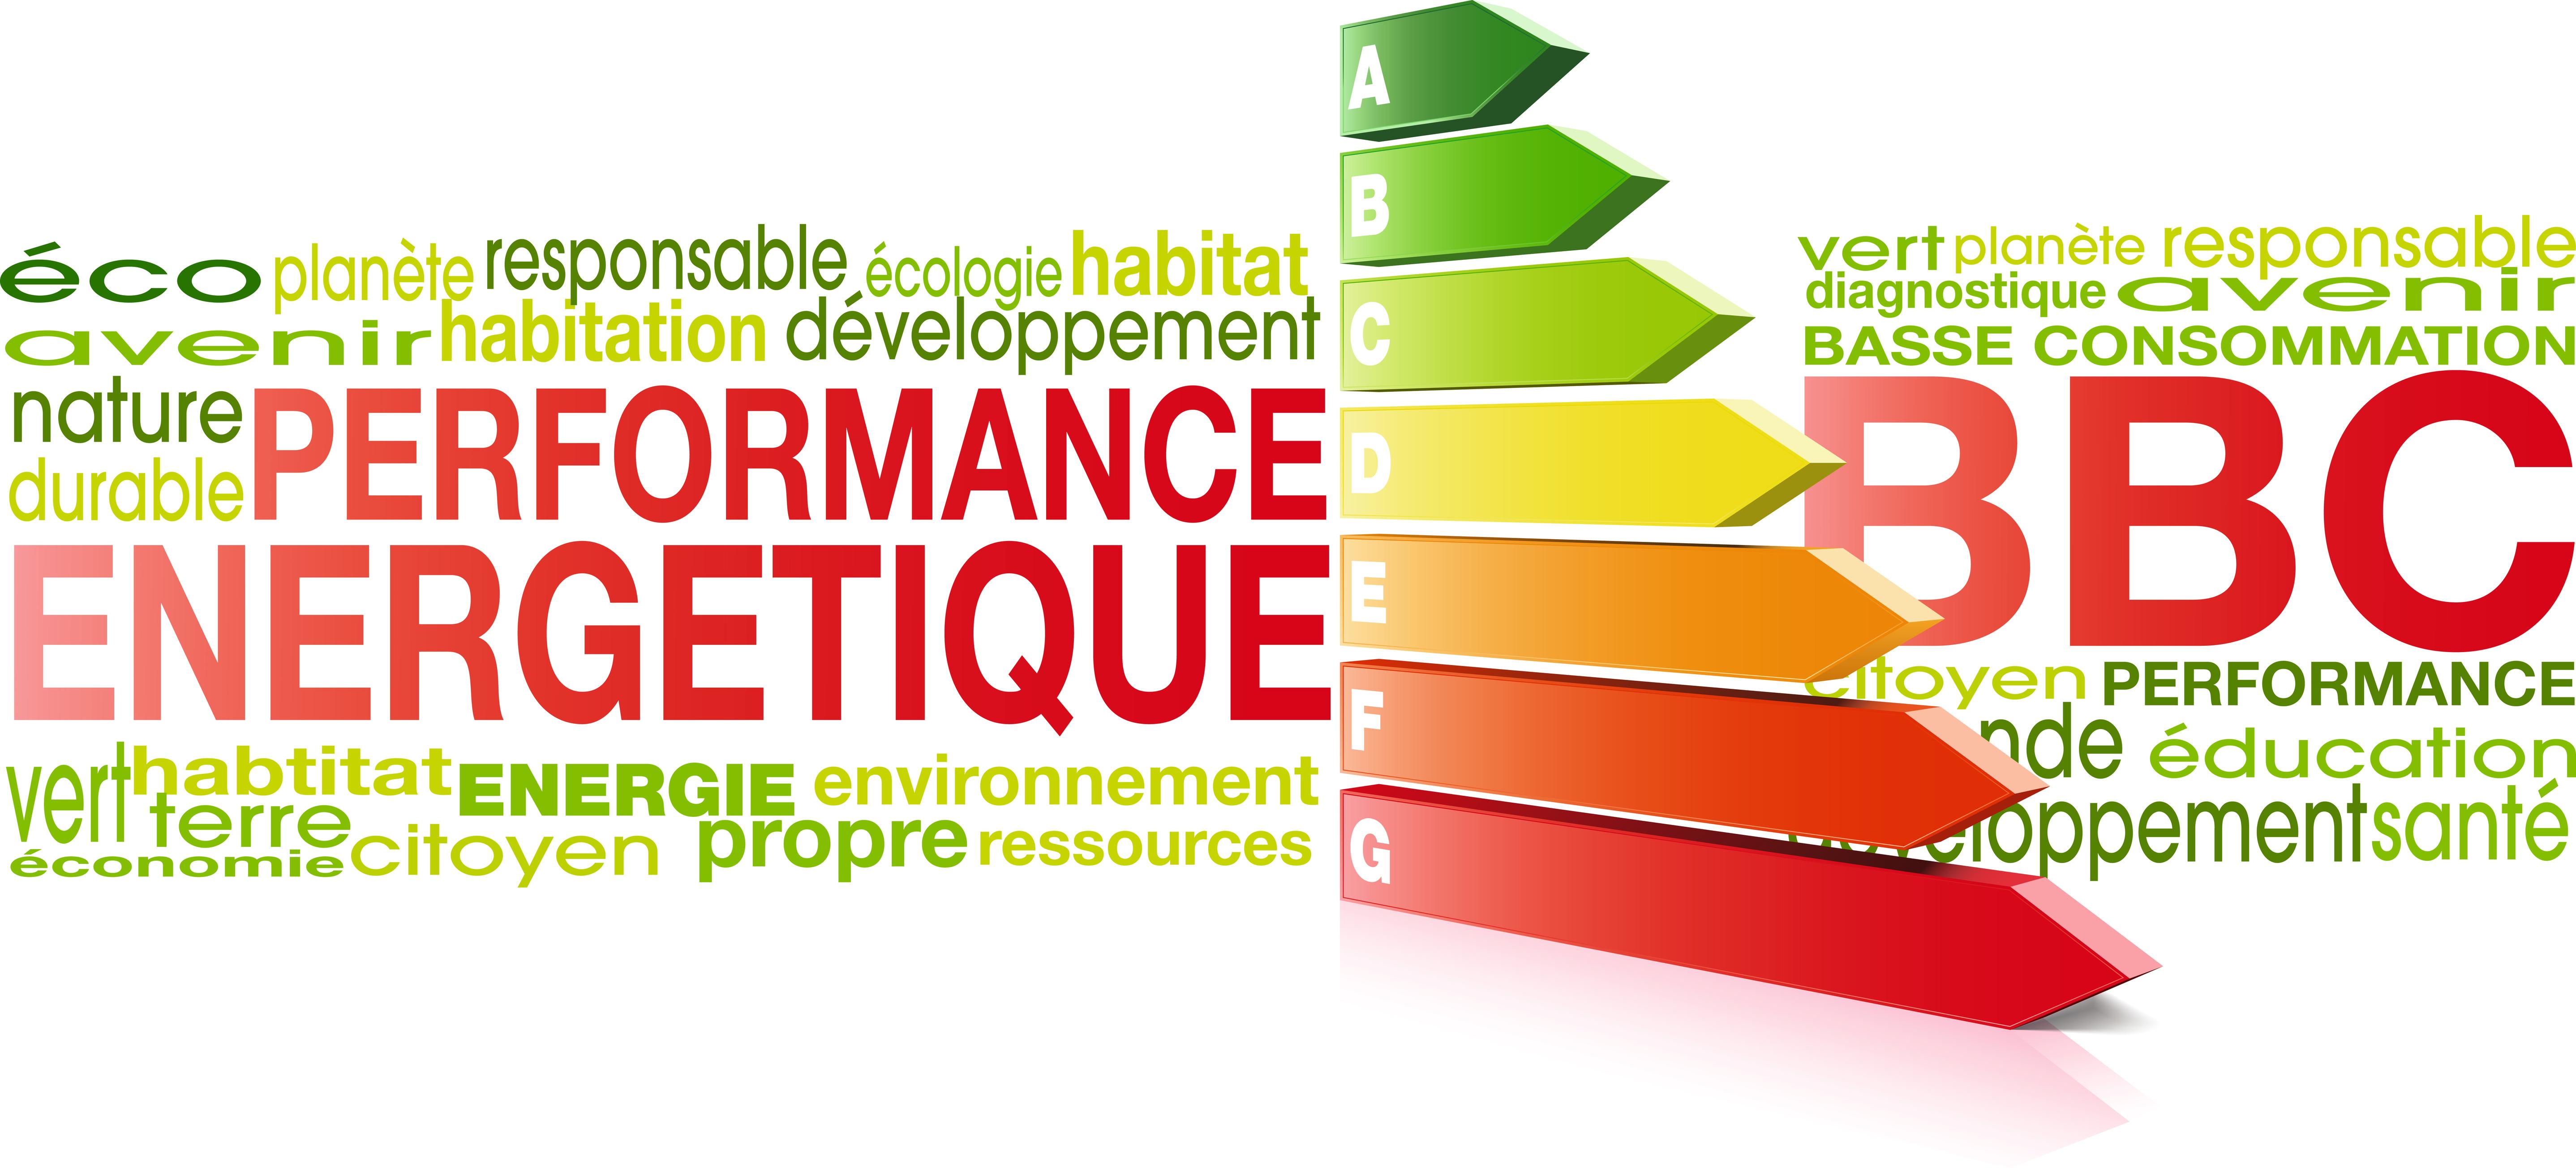 rénovation performance énergétique